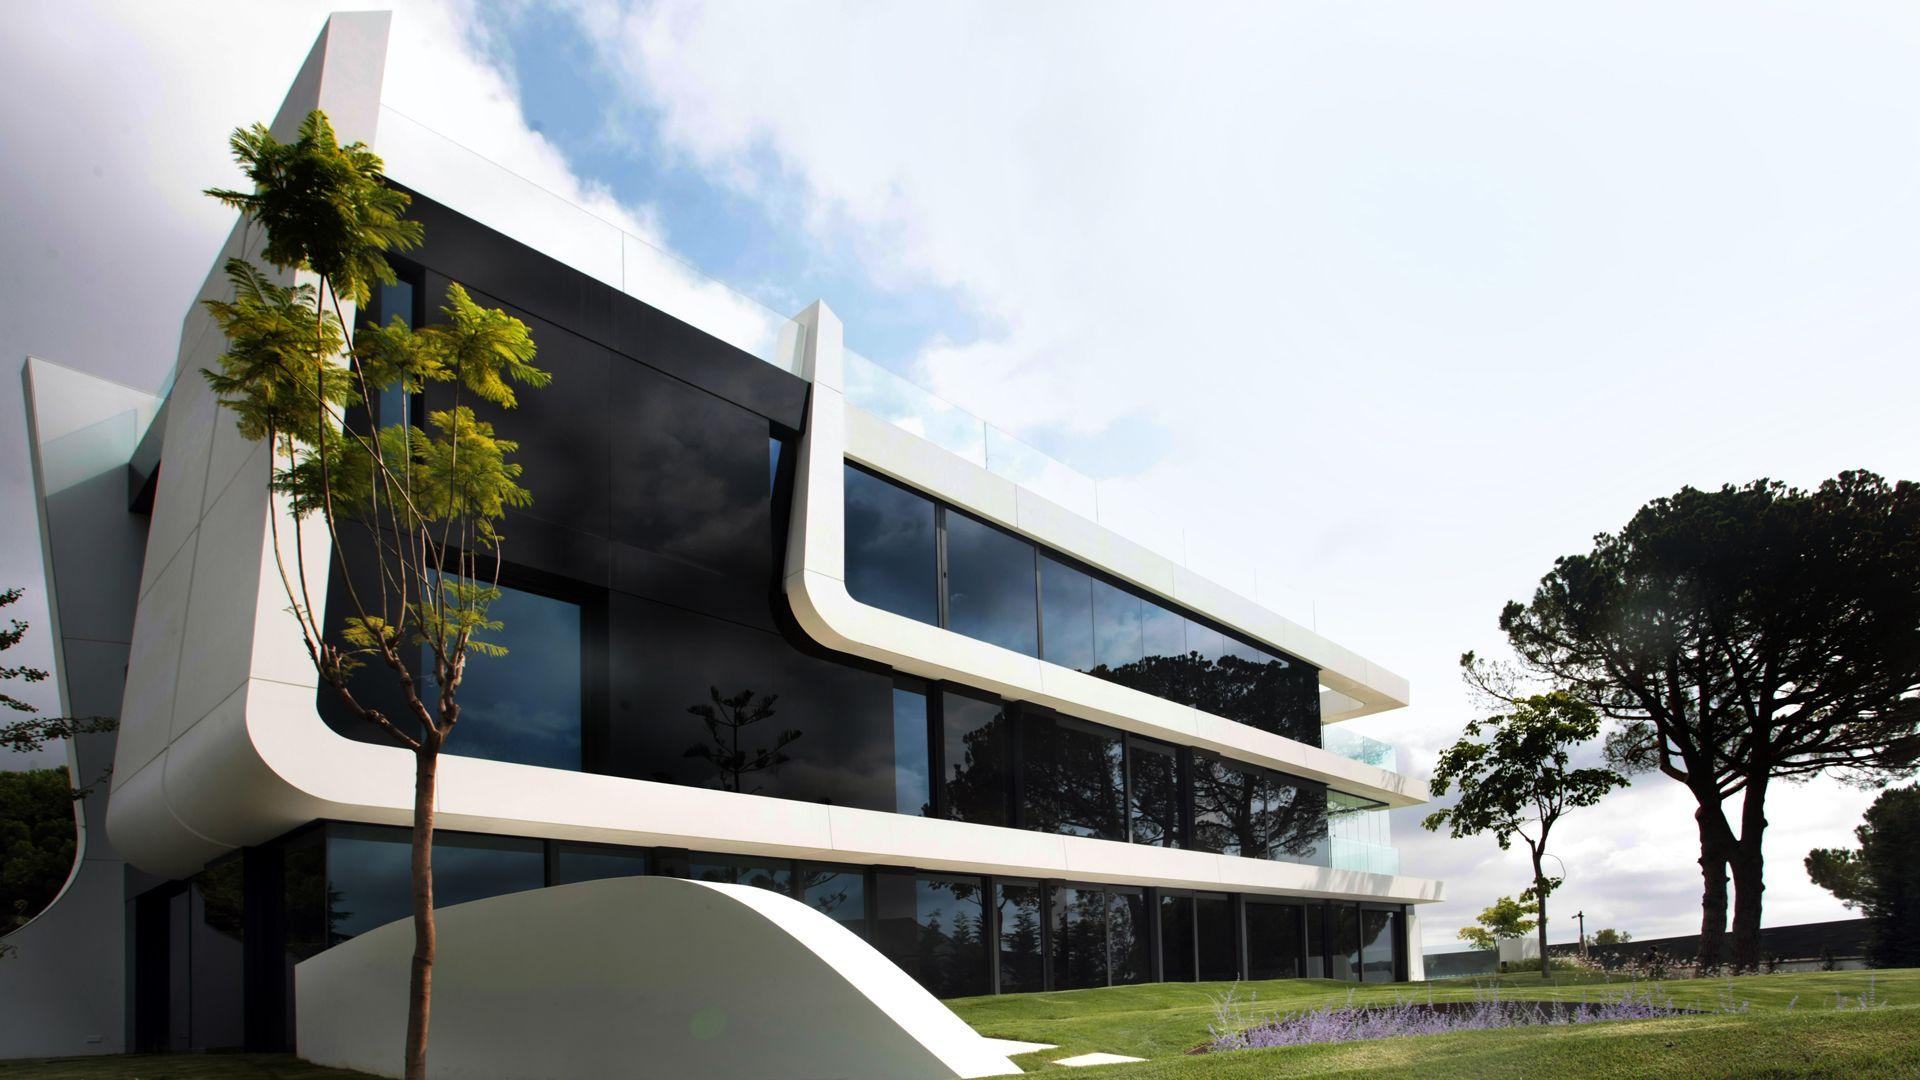 Top Arquitectos A Cero Una Empresa De Arquitectos Lujuosos Arquitectura Proyectos Arquitectura Estudio De Arquitectura